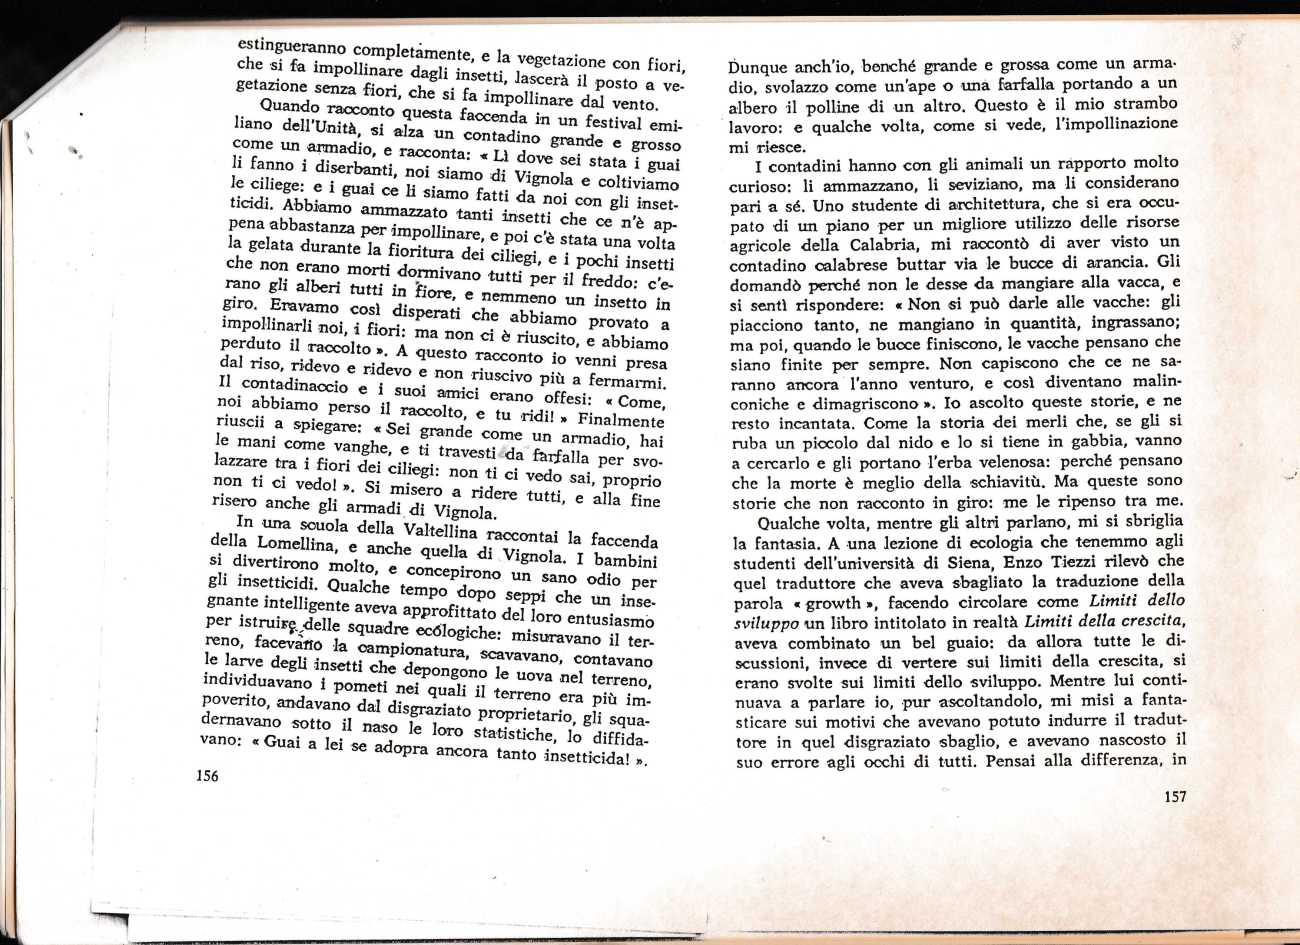 L CONTI NOTE MAGICO3588